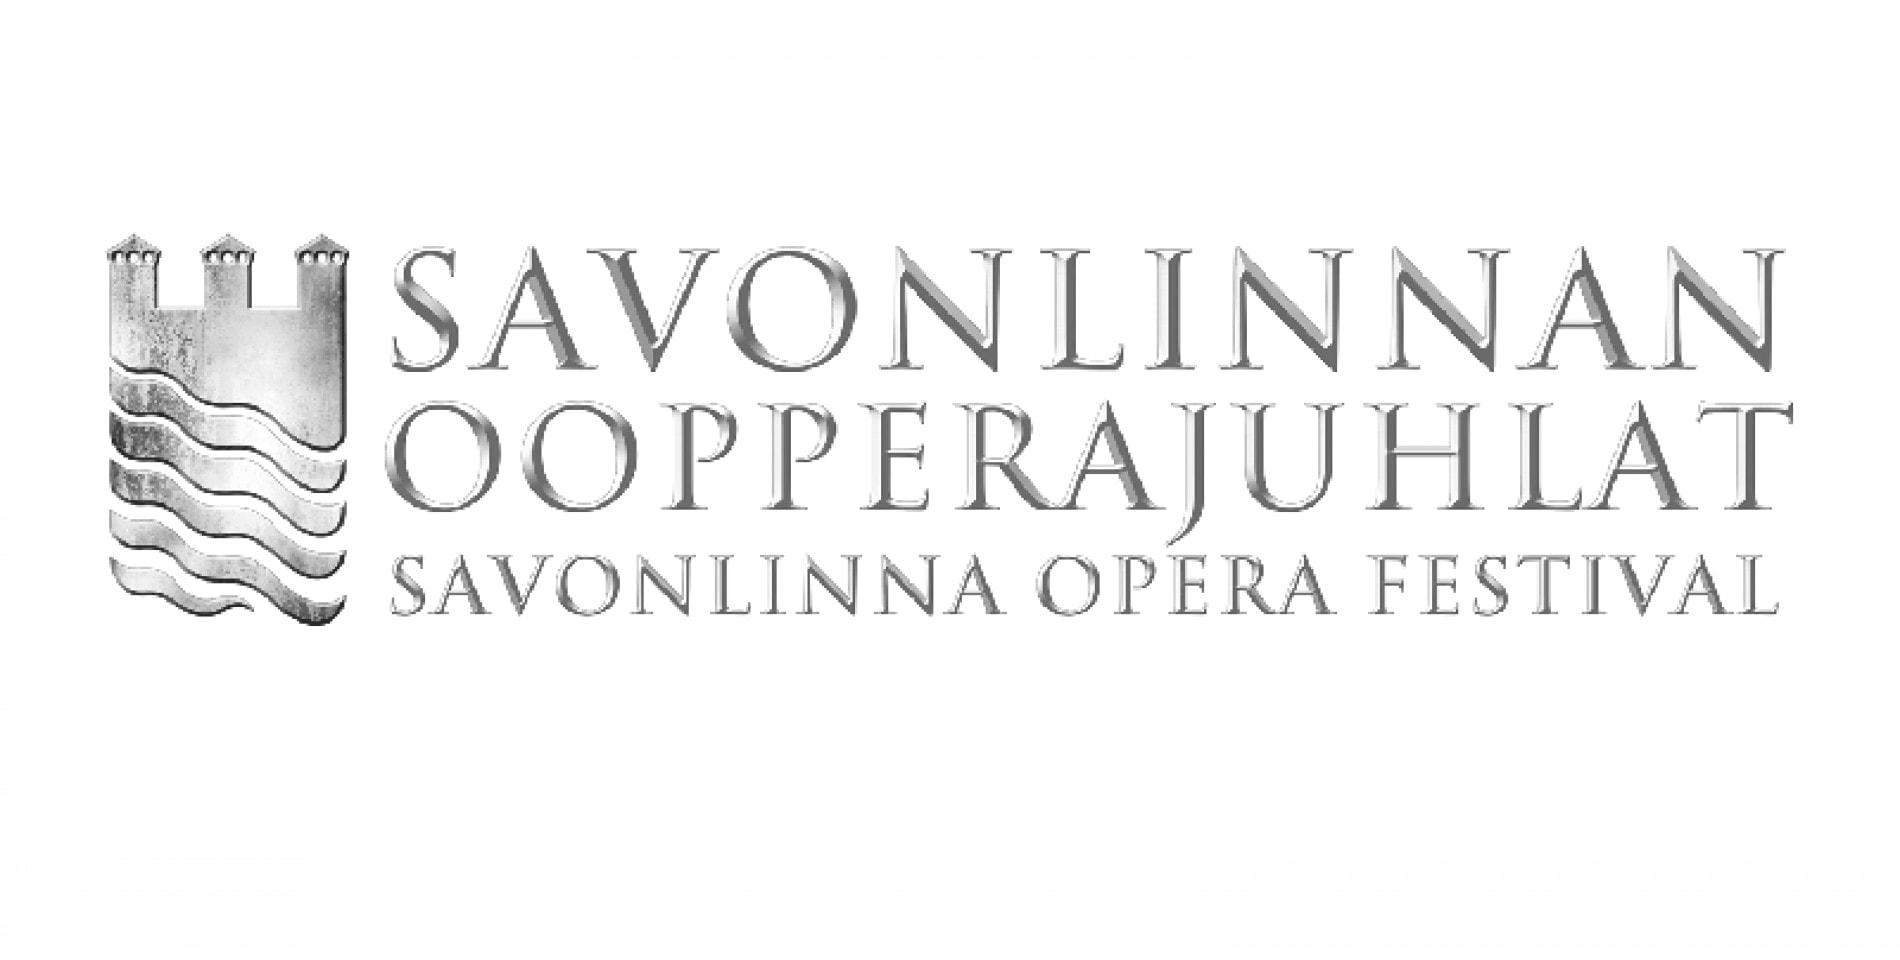 Большой театр выступит на Савонлиннском оперном фестивале